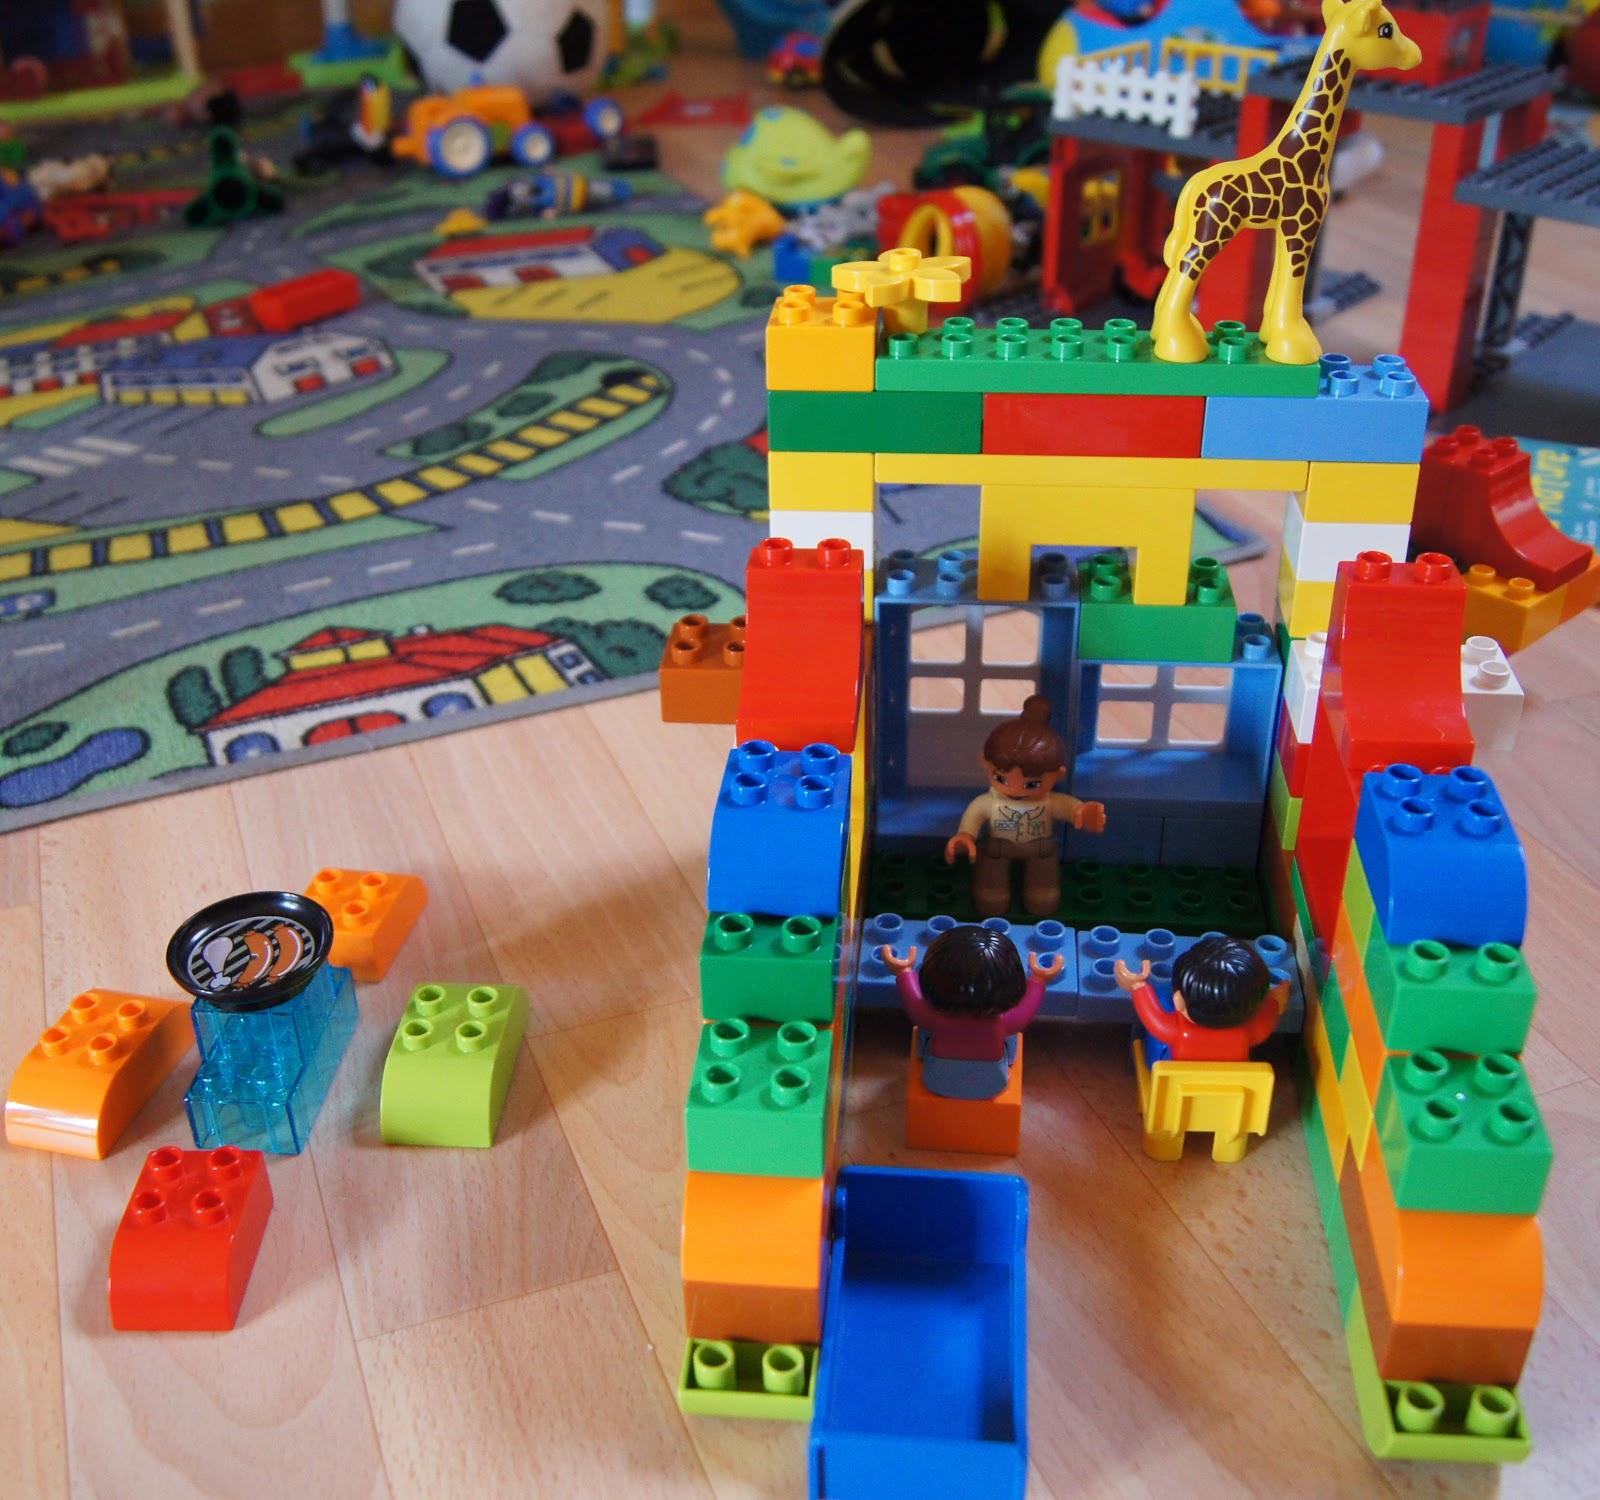 Ma poussette paris a l 39 ouest du lego les jeux sont faits 6 - Idee construction lego ...